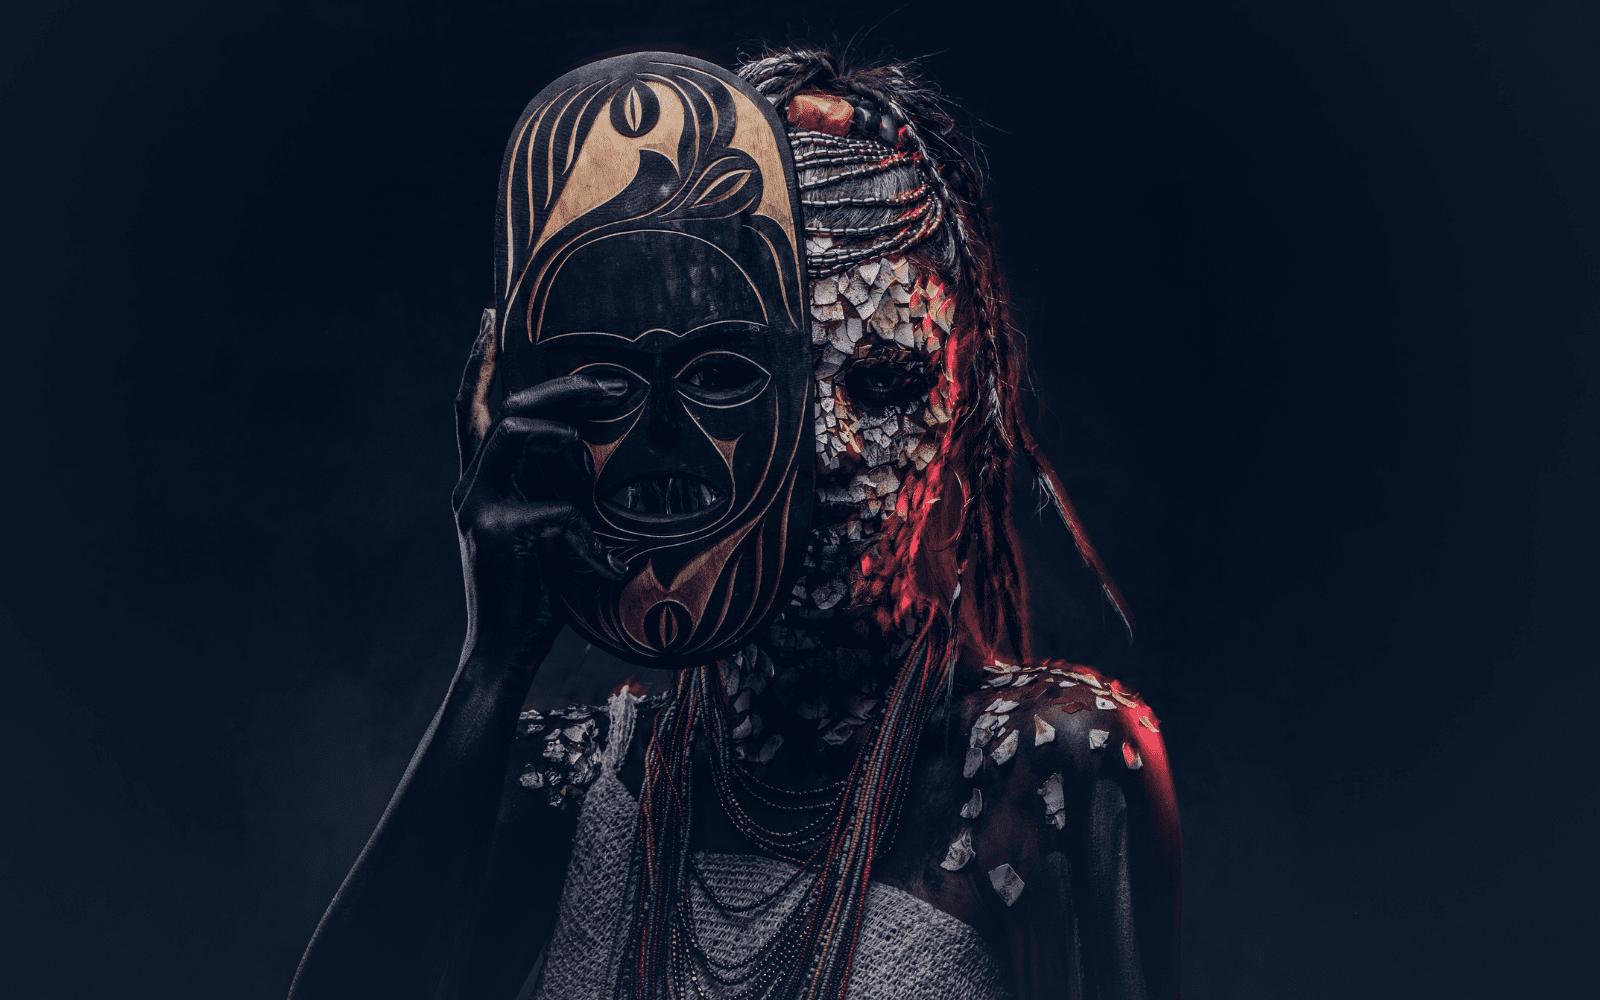 Portrait d'une sorcière d'une tribu africaine indigène, portant un costume traditionnel et des dreadlocks.